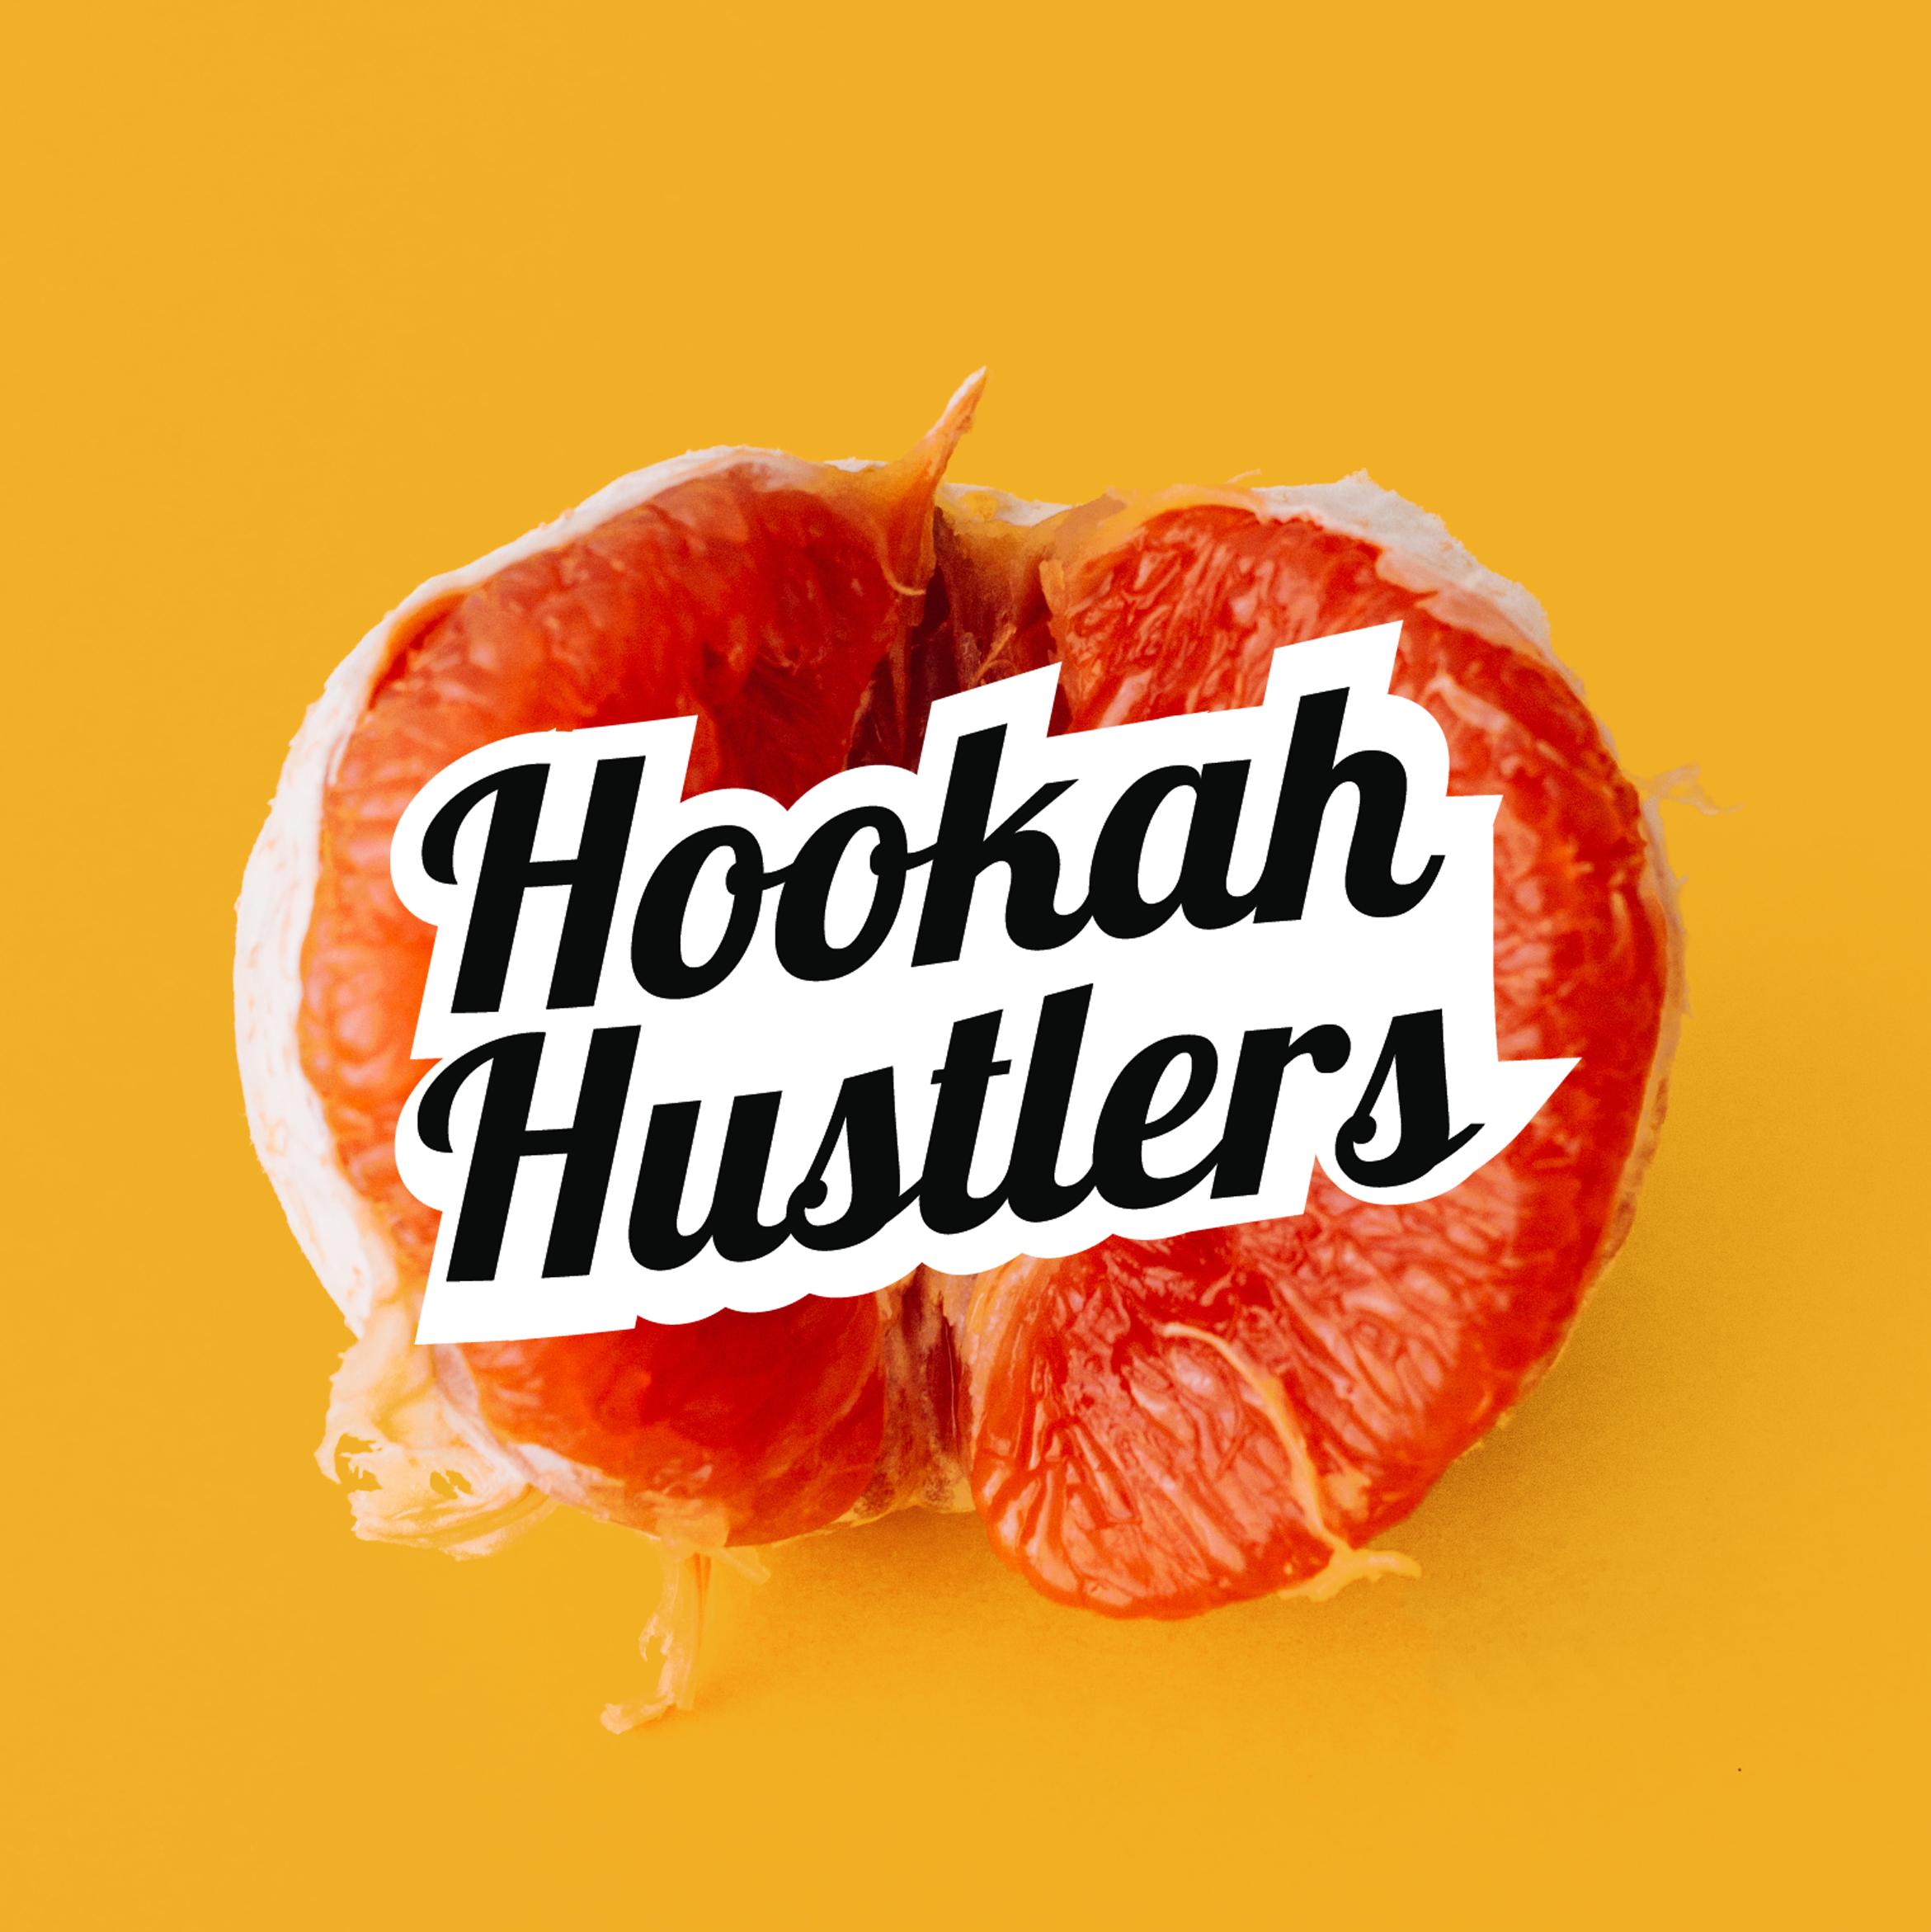 hookah hustlers